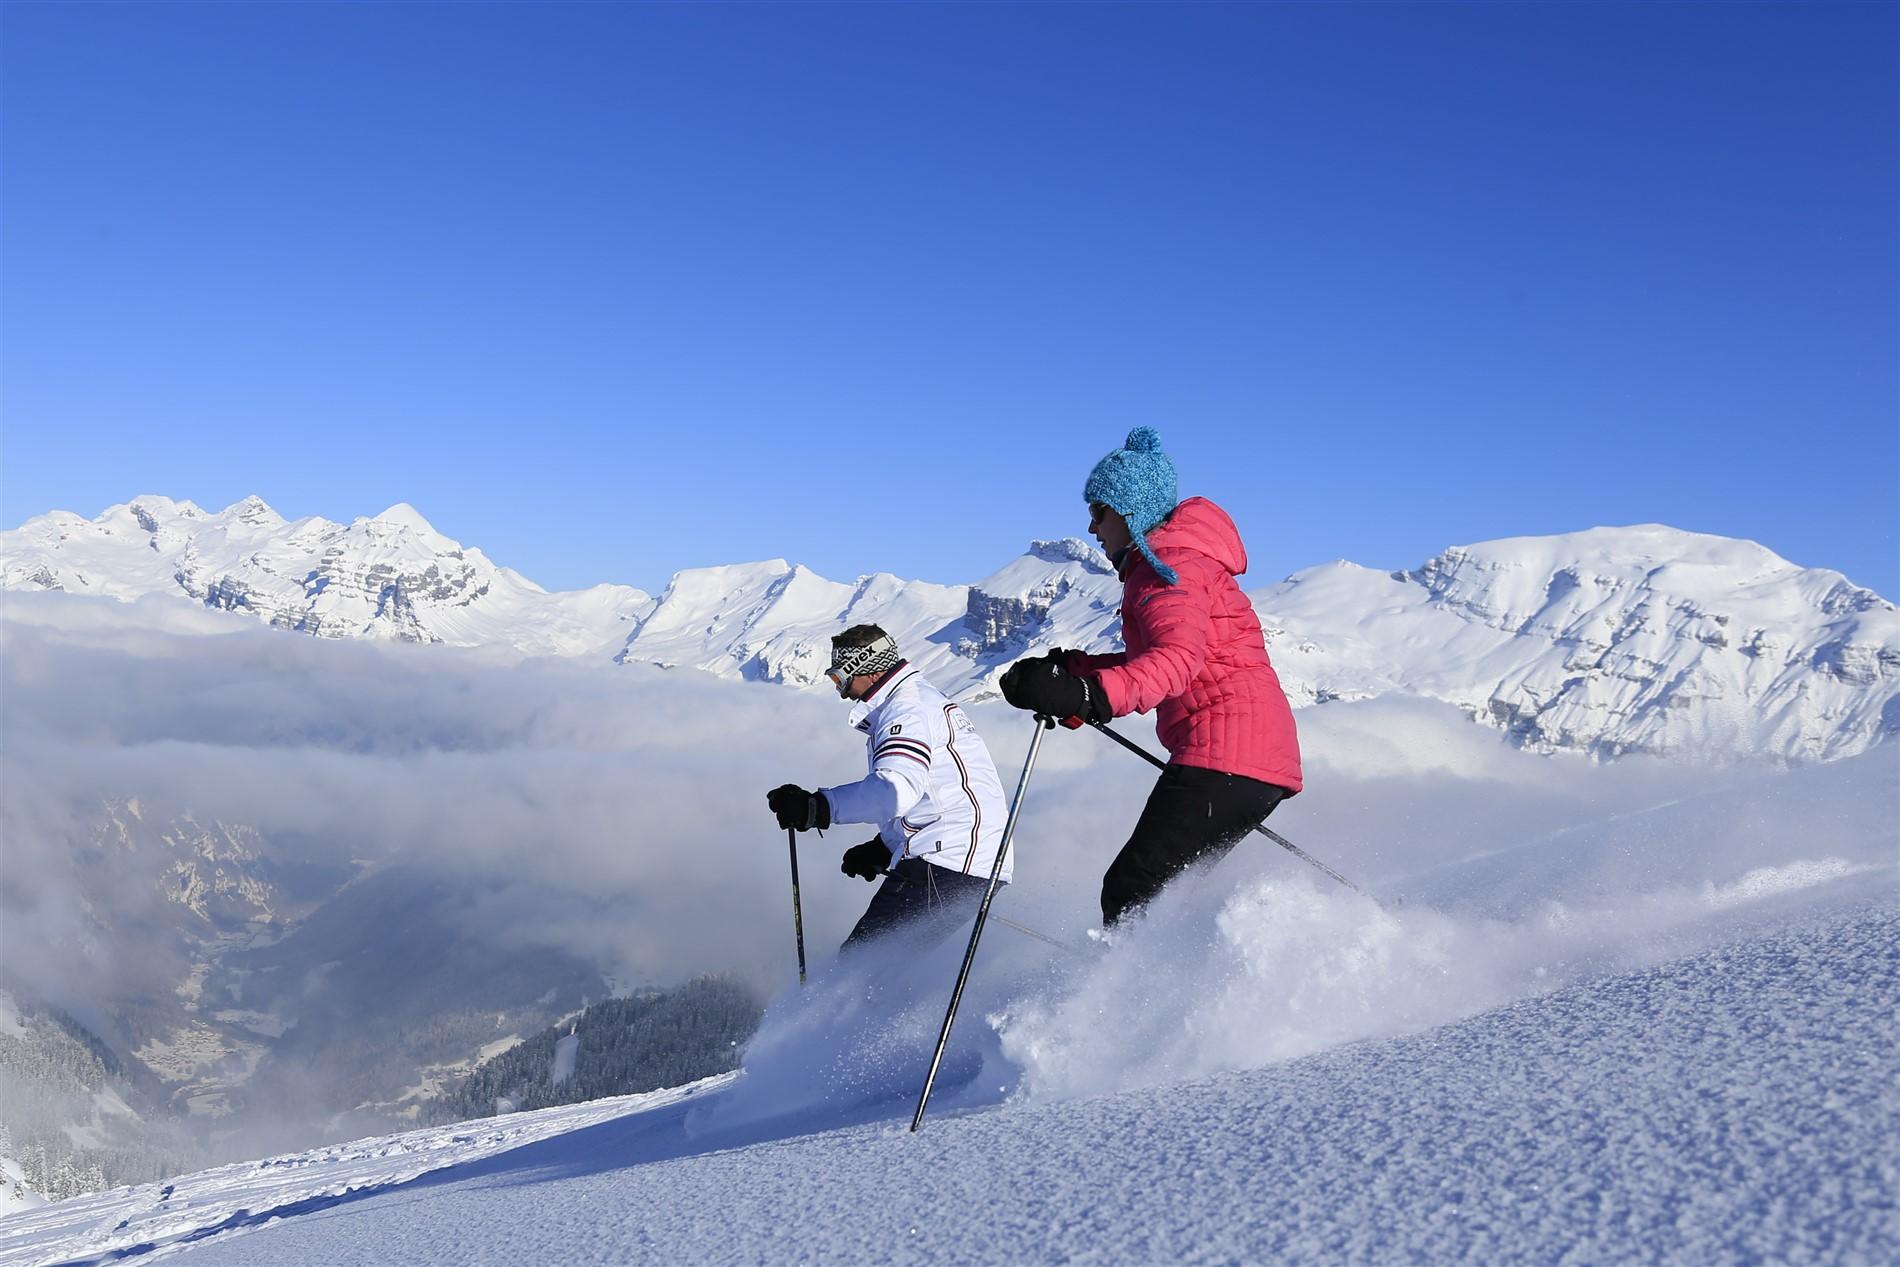 forfait ski grand massif 3 jours. Black Bedroom Furniture Sets. Home Design Ideas